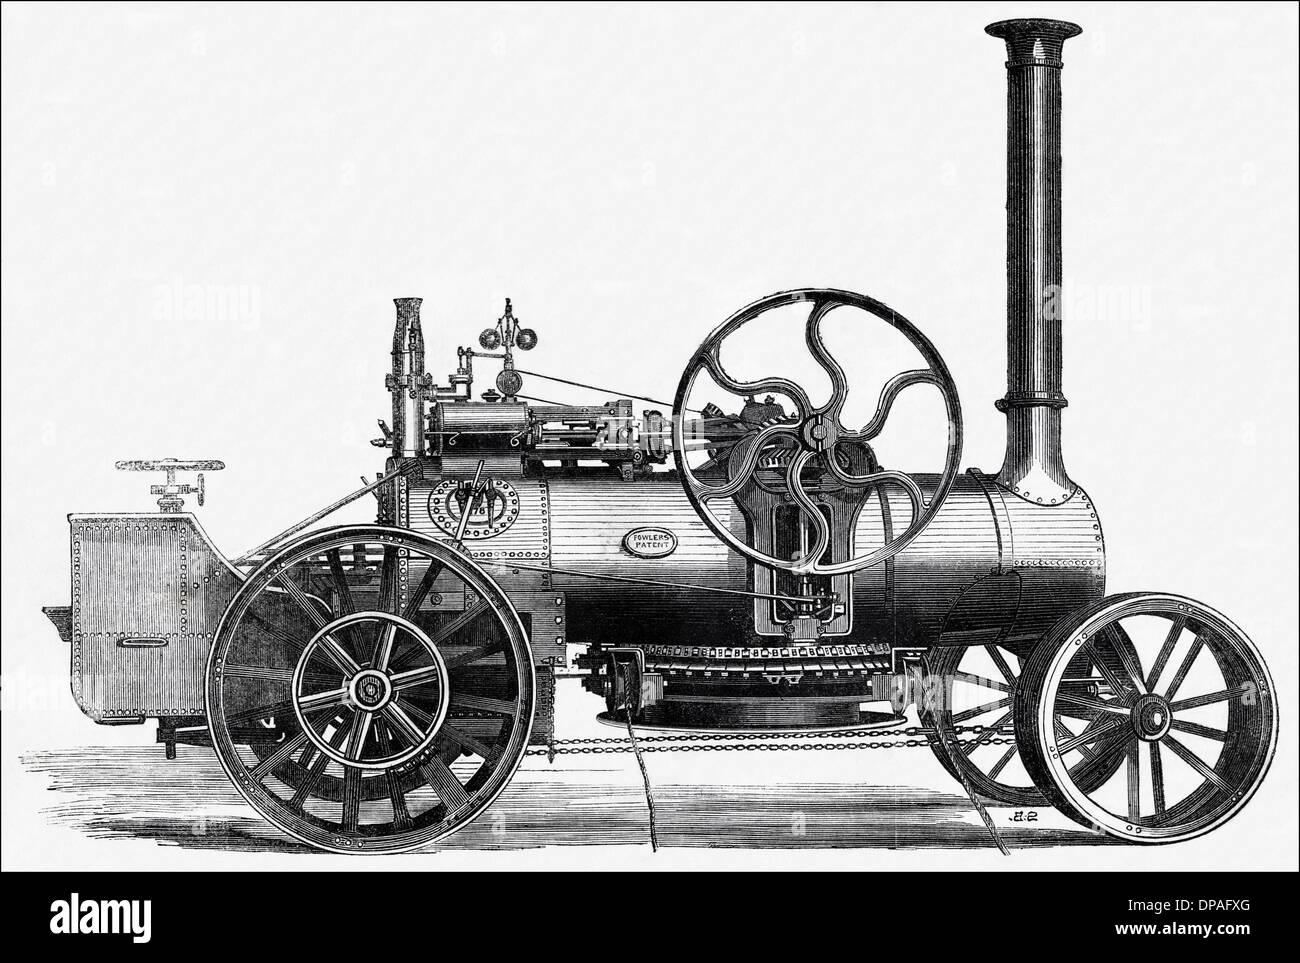 Victorian Steam Engine Stockfotos & Victorian Steam Engine Bilder ...